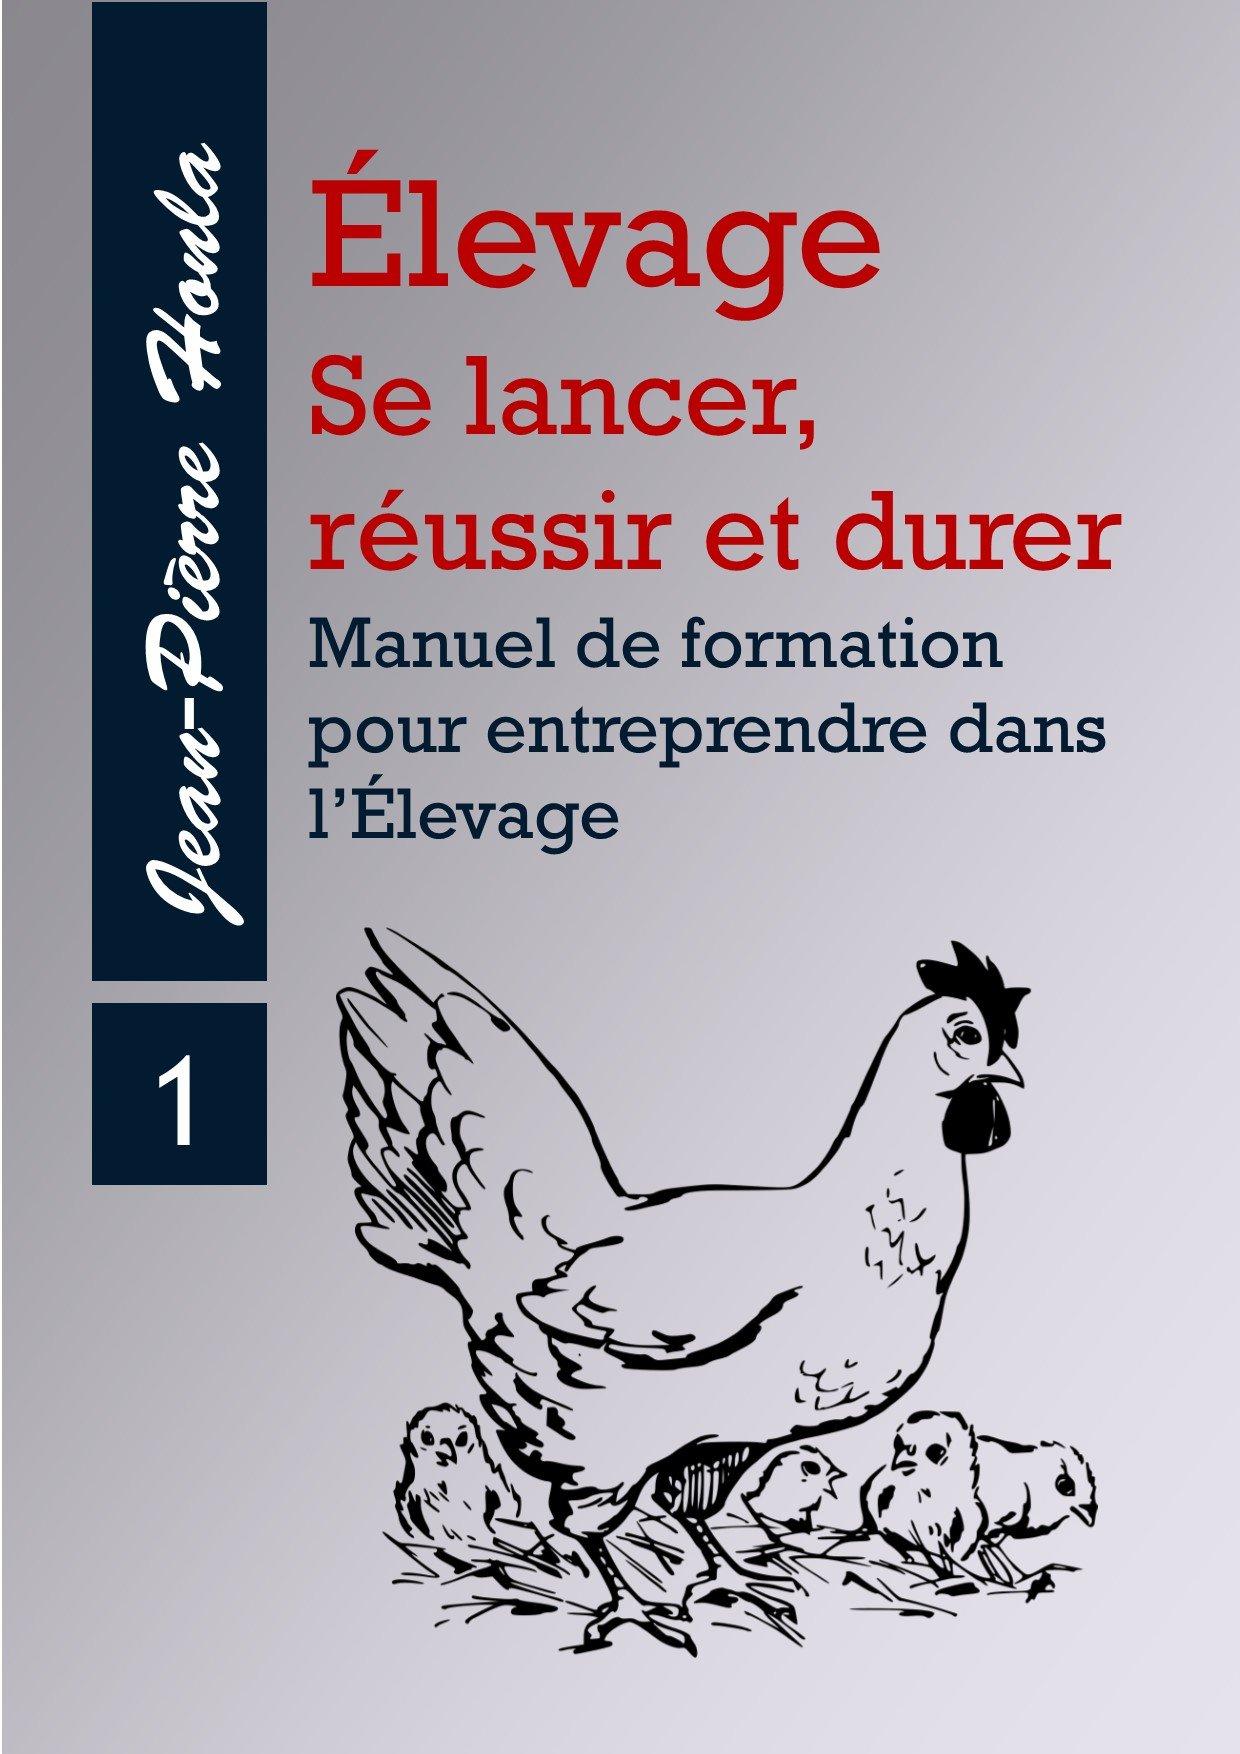 ÉLEVAGE - SE LANCER, RÉUSSIR ET DURER: Manuel de formation pour entreprendre dans l'Élevage (Vol t. 1) (French Edition)